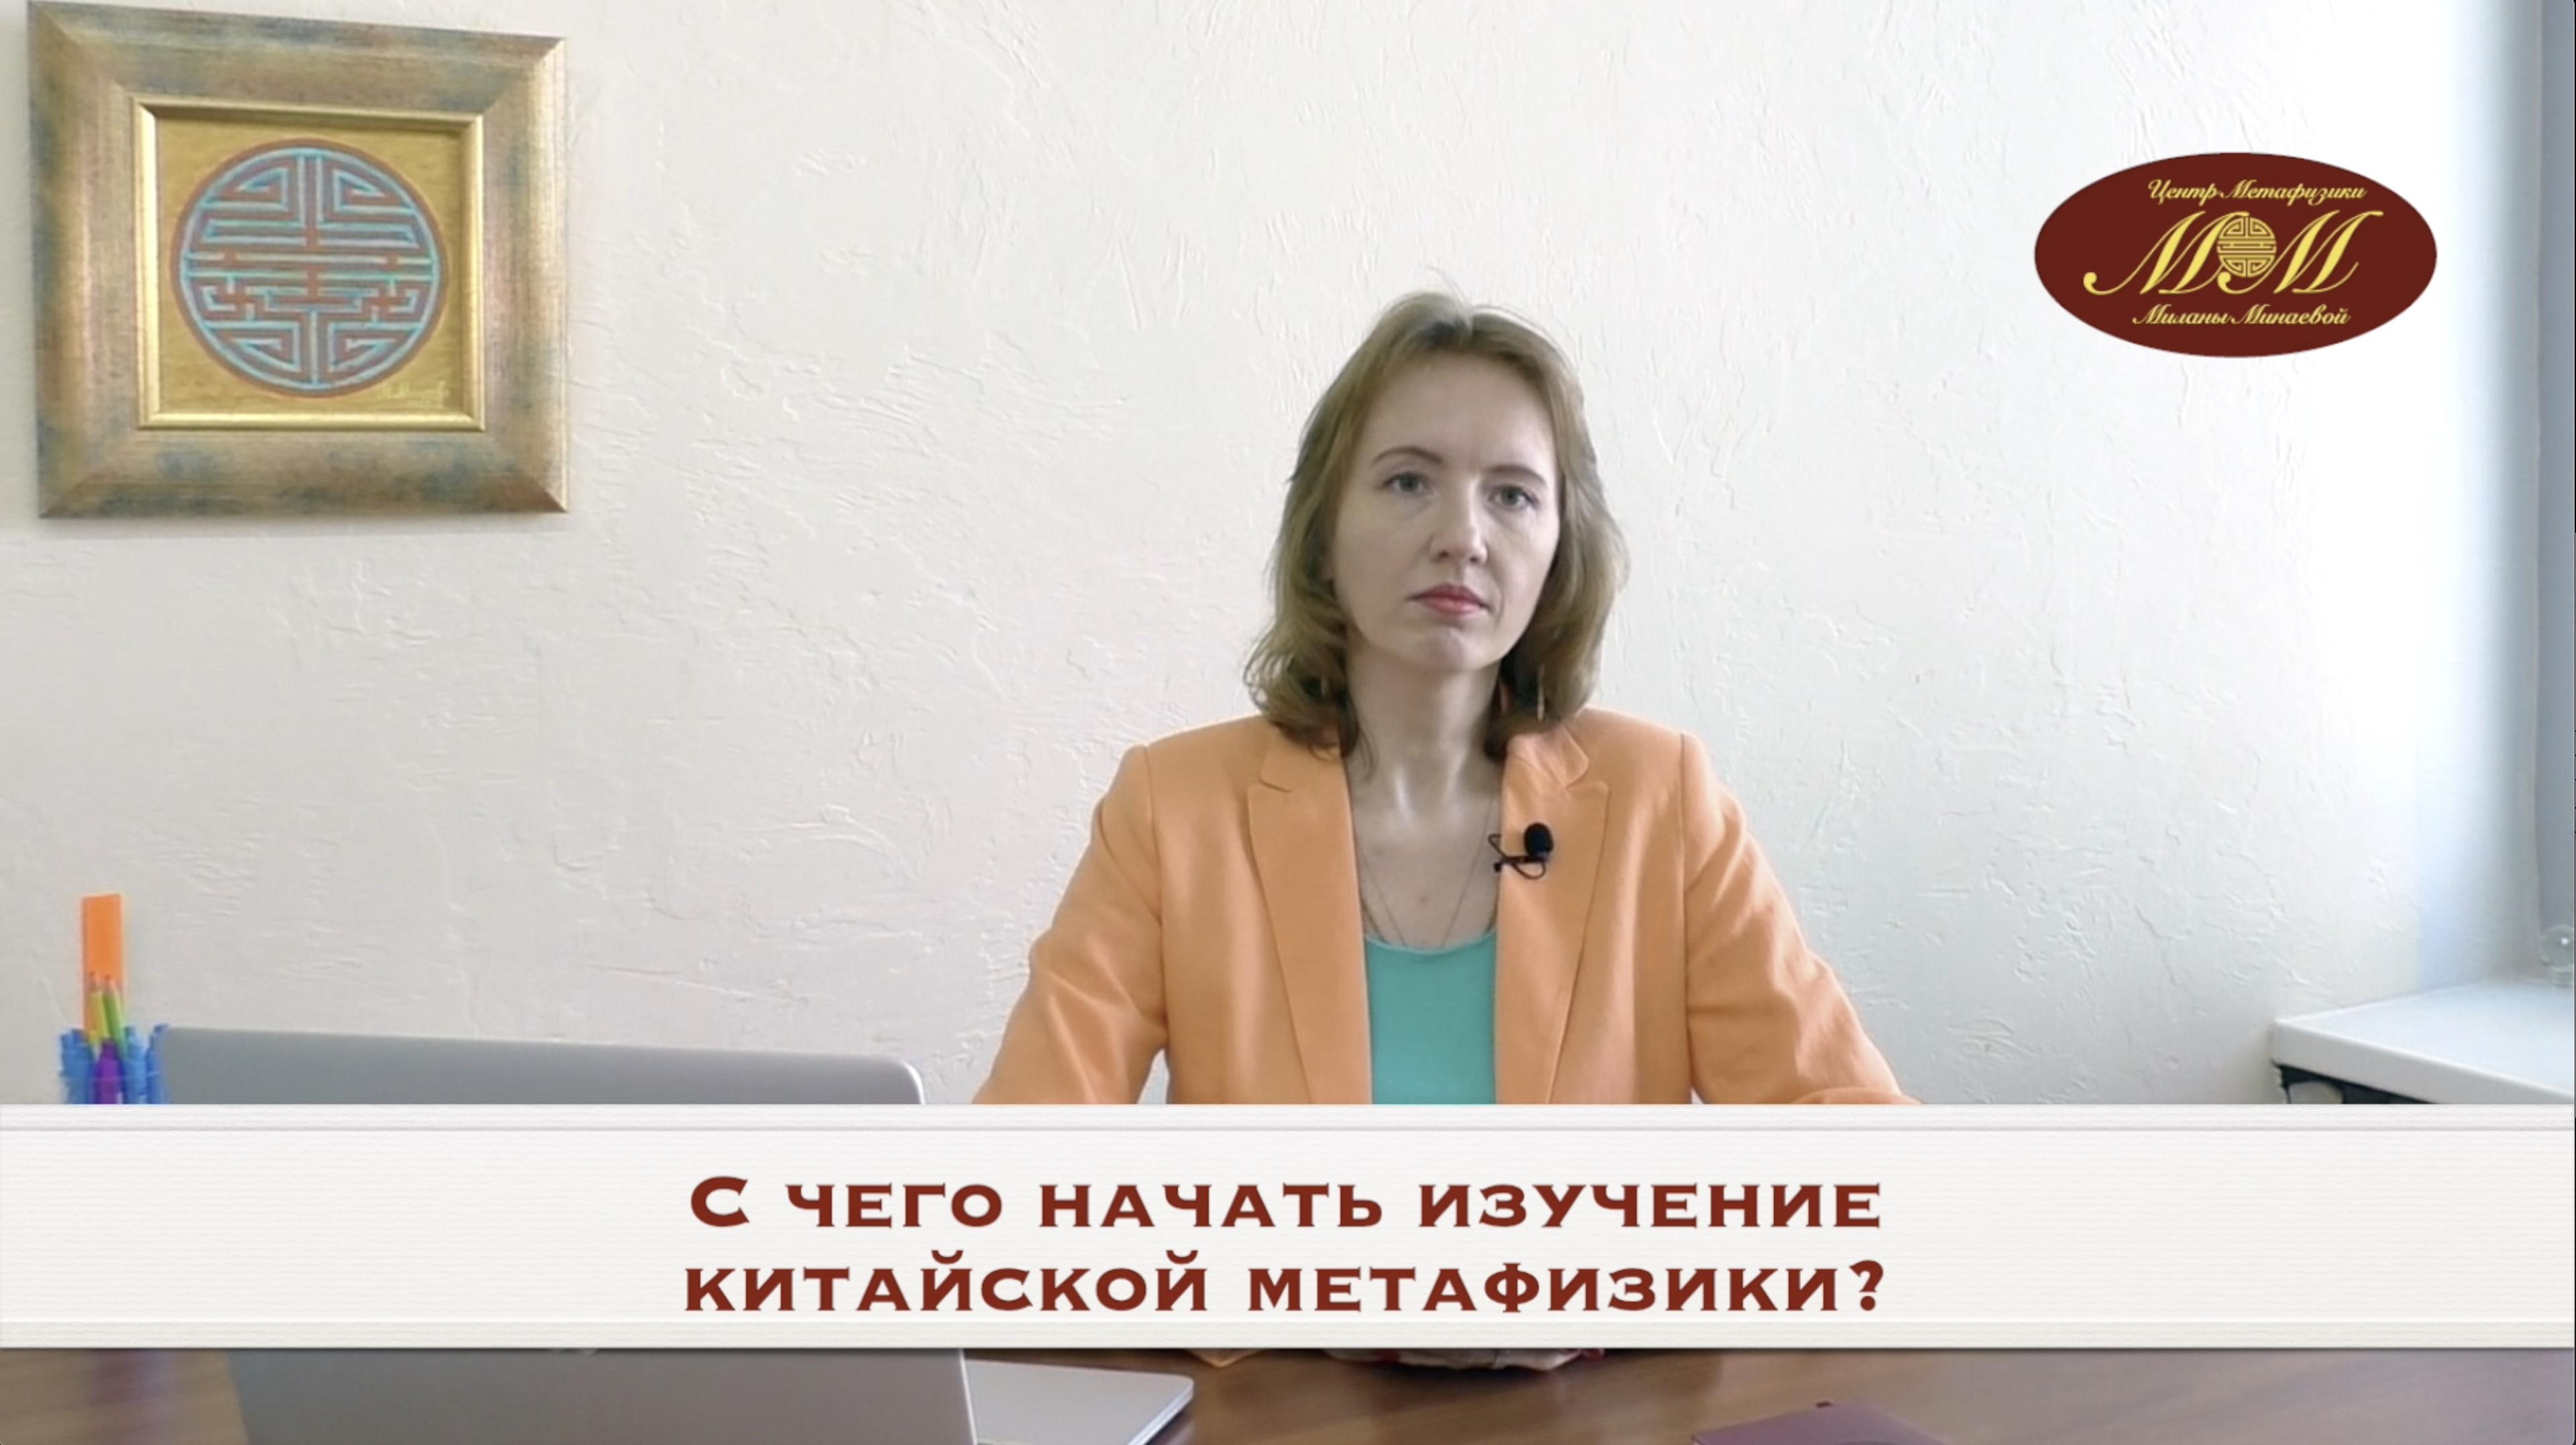 Милана Минаева - Китайская Метафизика - Milana.Ru